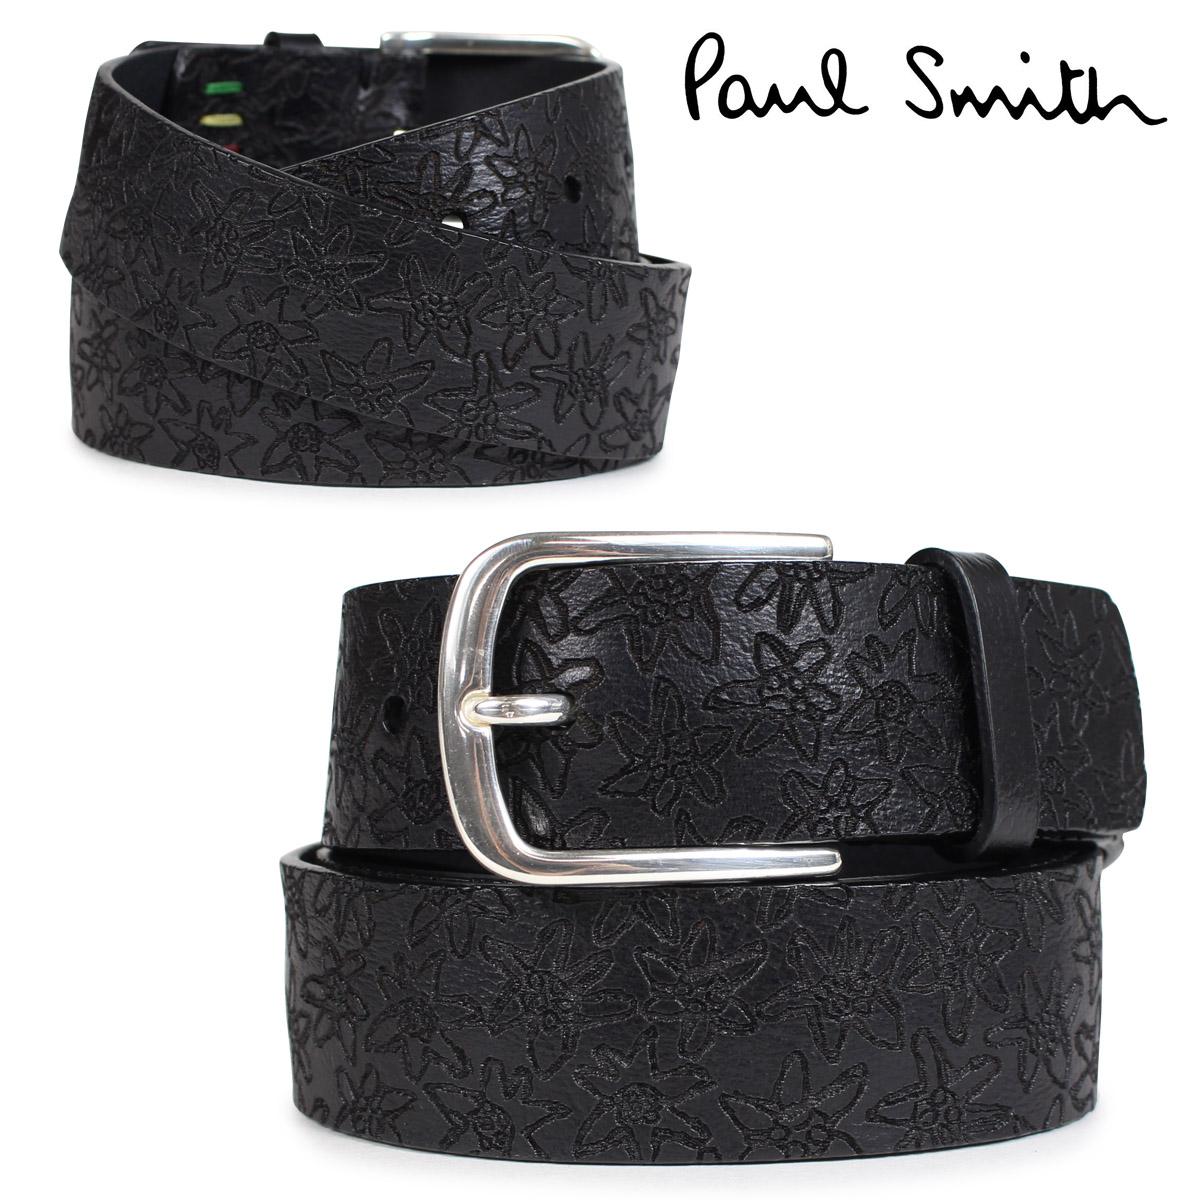 Paul Smith M2A 5536 ALASER ポールスミス ベルト メンズ 本革 レザーベルト ブラック